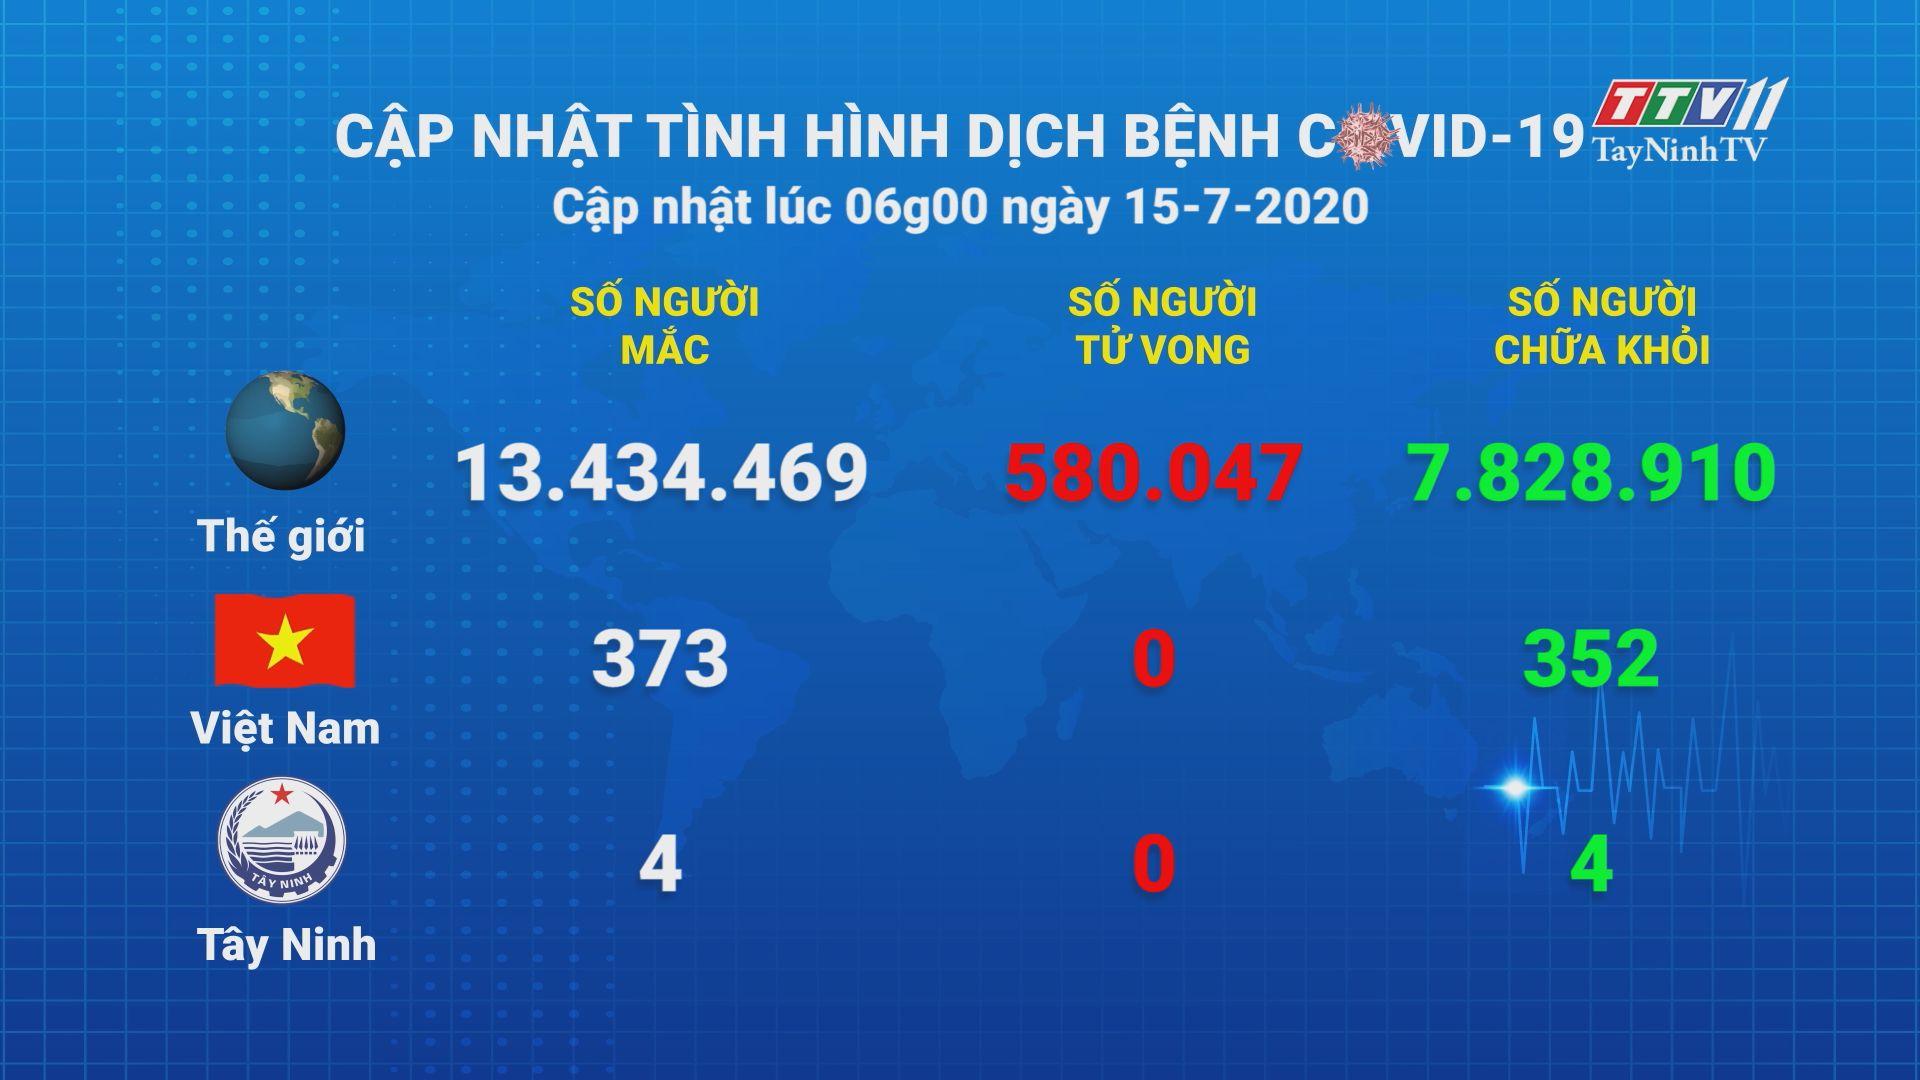 Cập nhật tình hình Covid-19 vào lúc 06 giờ 15-7-2020   Thông tin dịch Covid-19   TayNinhTV